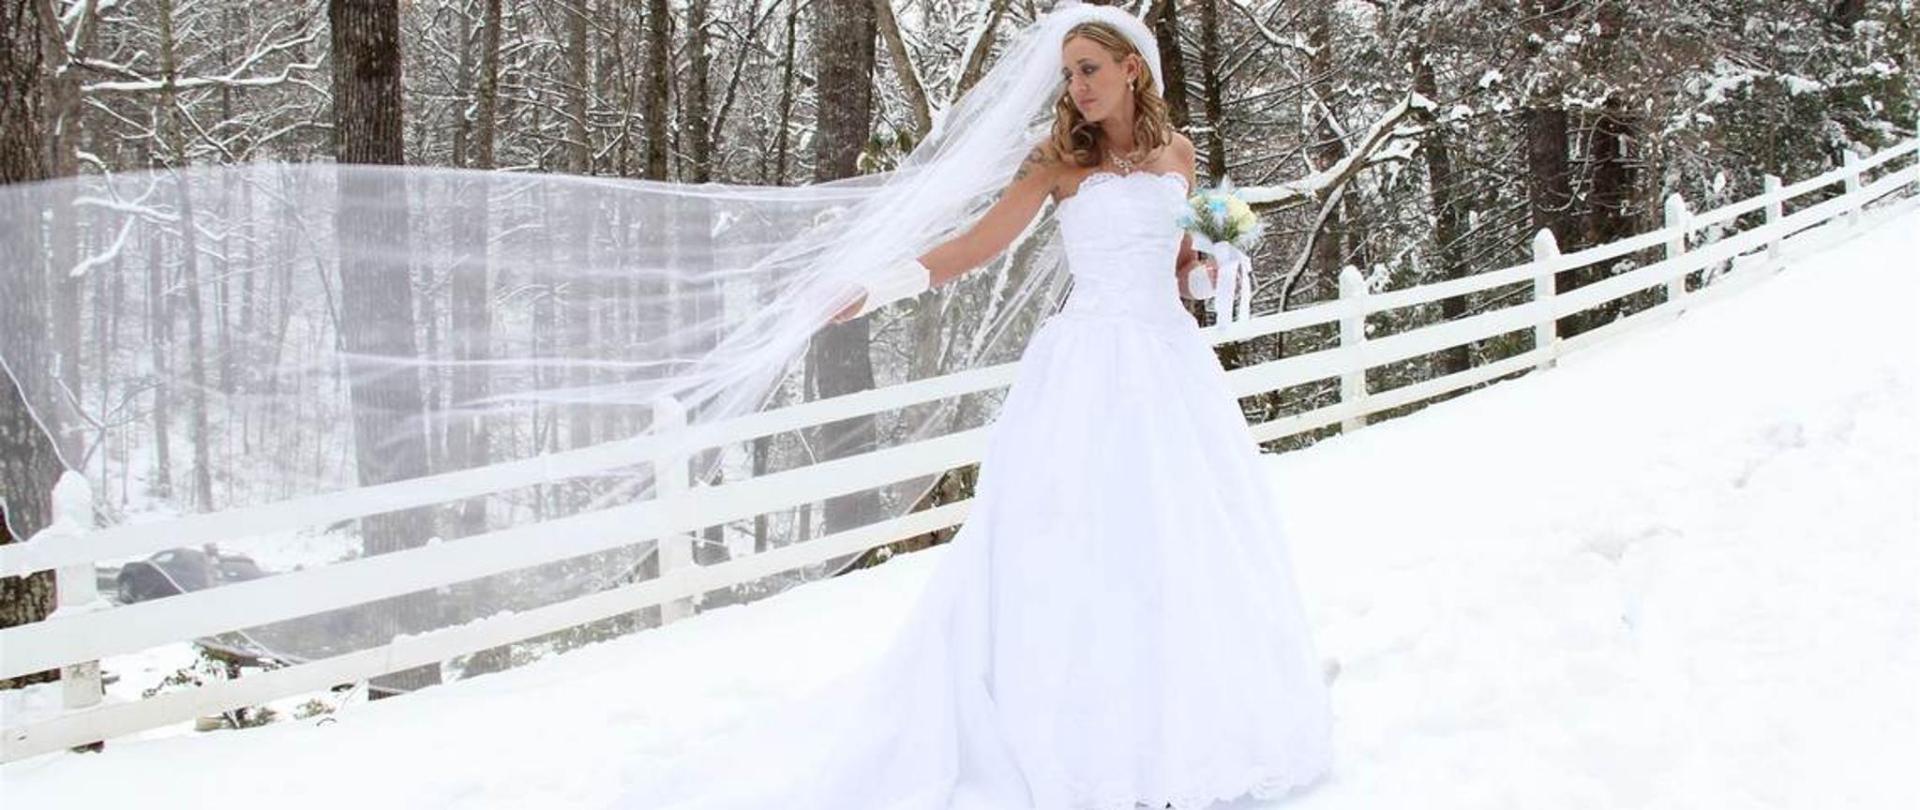 bride-in-the-winter-breeze.jpg.1140x481_default.jpg